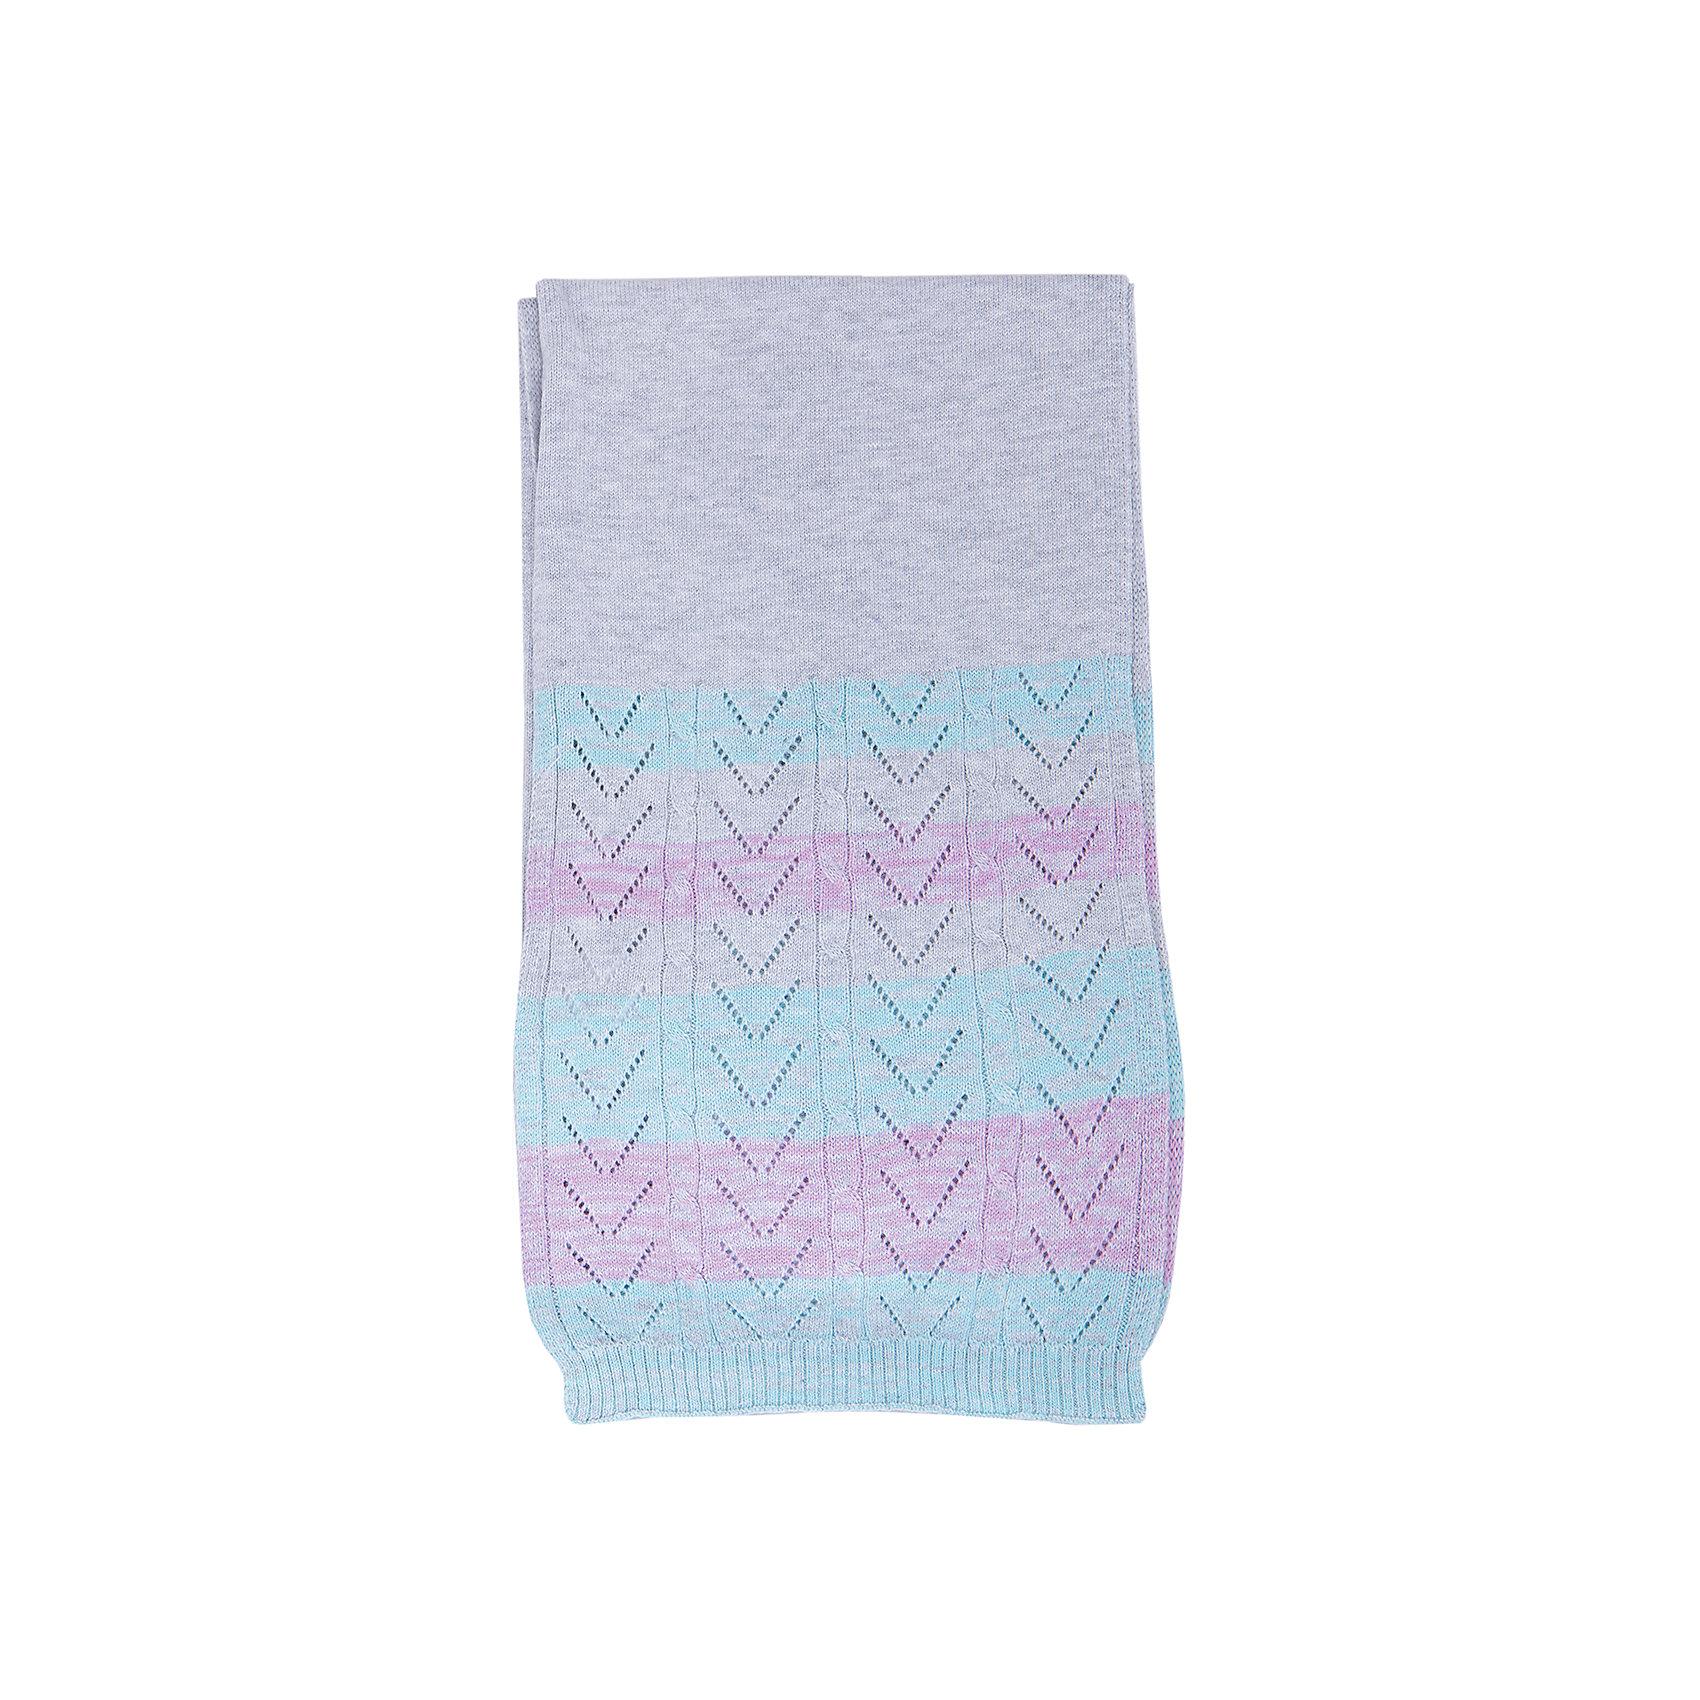 Шарф для девочки LuminosoШарфы, платки<br>Характеристики товара:<br><br>- цвет: разноцветный;<br>- материал: 60% хлопок, 40% акрил;<br>- тонкая пряжа;<br>- резинка по низу;<br>- вязаный узор.<br><br>Стильная одежда от бренда Luminoso (Люминосо), созданная при участии итальянских дизайнеров, учитывает потребности подростков и последние веяния моды. Она удобная и модная.<br>Этот вязаный шарф - для прохладной погоды. Он хорошо сидит на ребенке, обеспечивает комфорт и отлично сочетается с одежной разных стилей. Модель отличается высоким качеством пряжи и продуманным дизайном.<br><br>Шарф для девочки от бренда Luminoso (Люминосо) можно купить в нашем интернет-магазине.<br><br>Ширина мм: 170<br>Глубина мм: 157<br>Высота мм: 67<br>Вес г: 117<br>Цвет: серый<br>Возраст от месяцев: 96<br>Возраст до месяцев: 180<br>Пол: Женский<br>Возраст: Детский<br>Размер: one size<br>SKU: 4929470